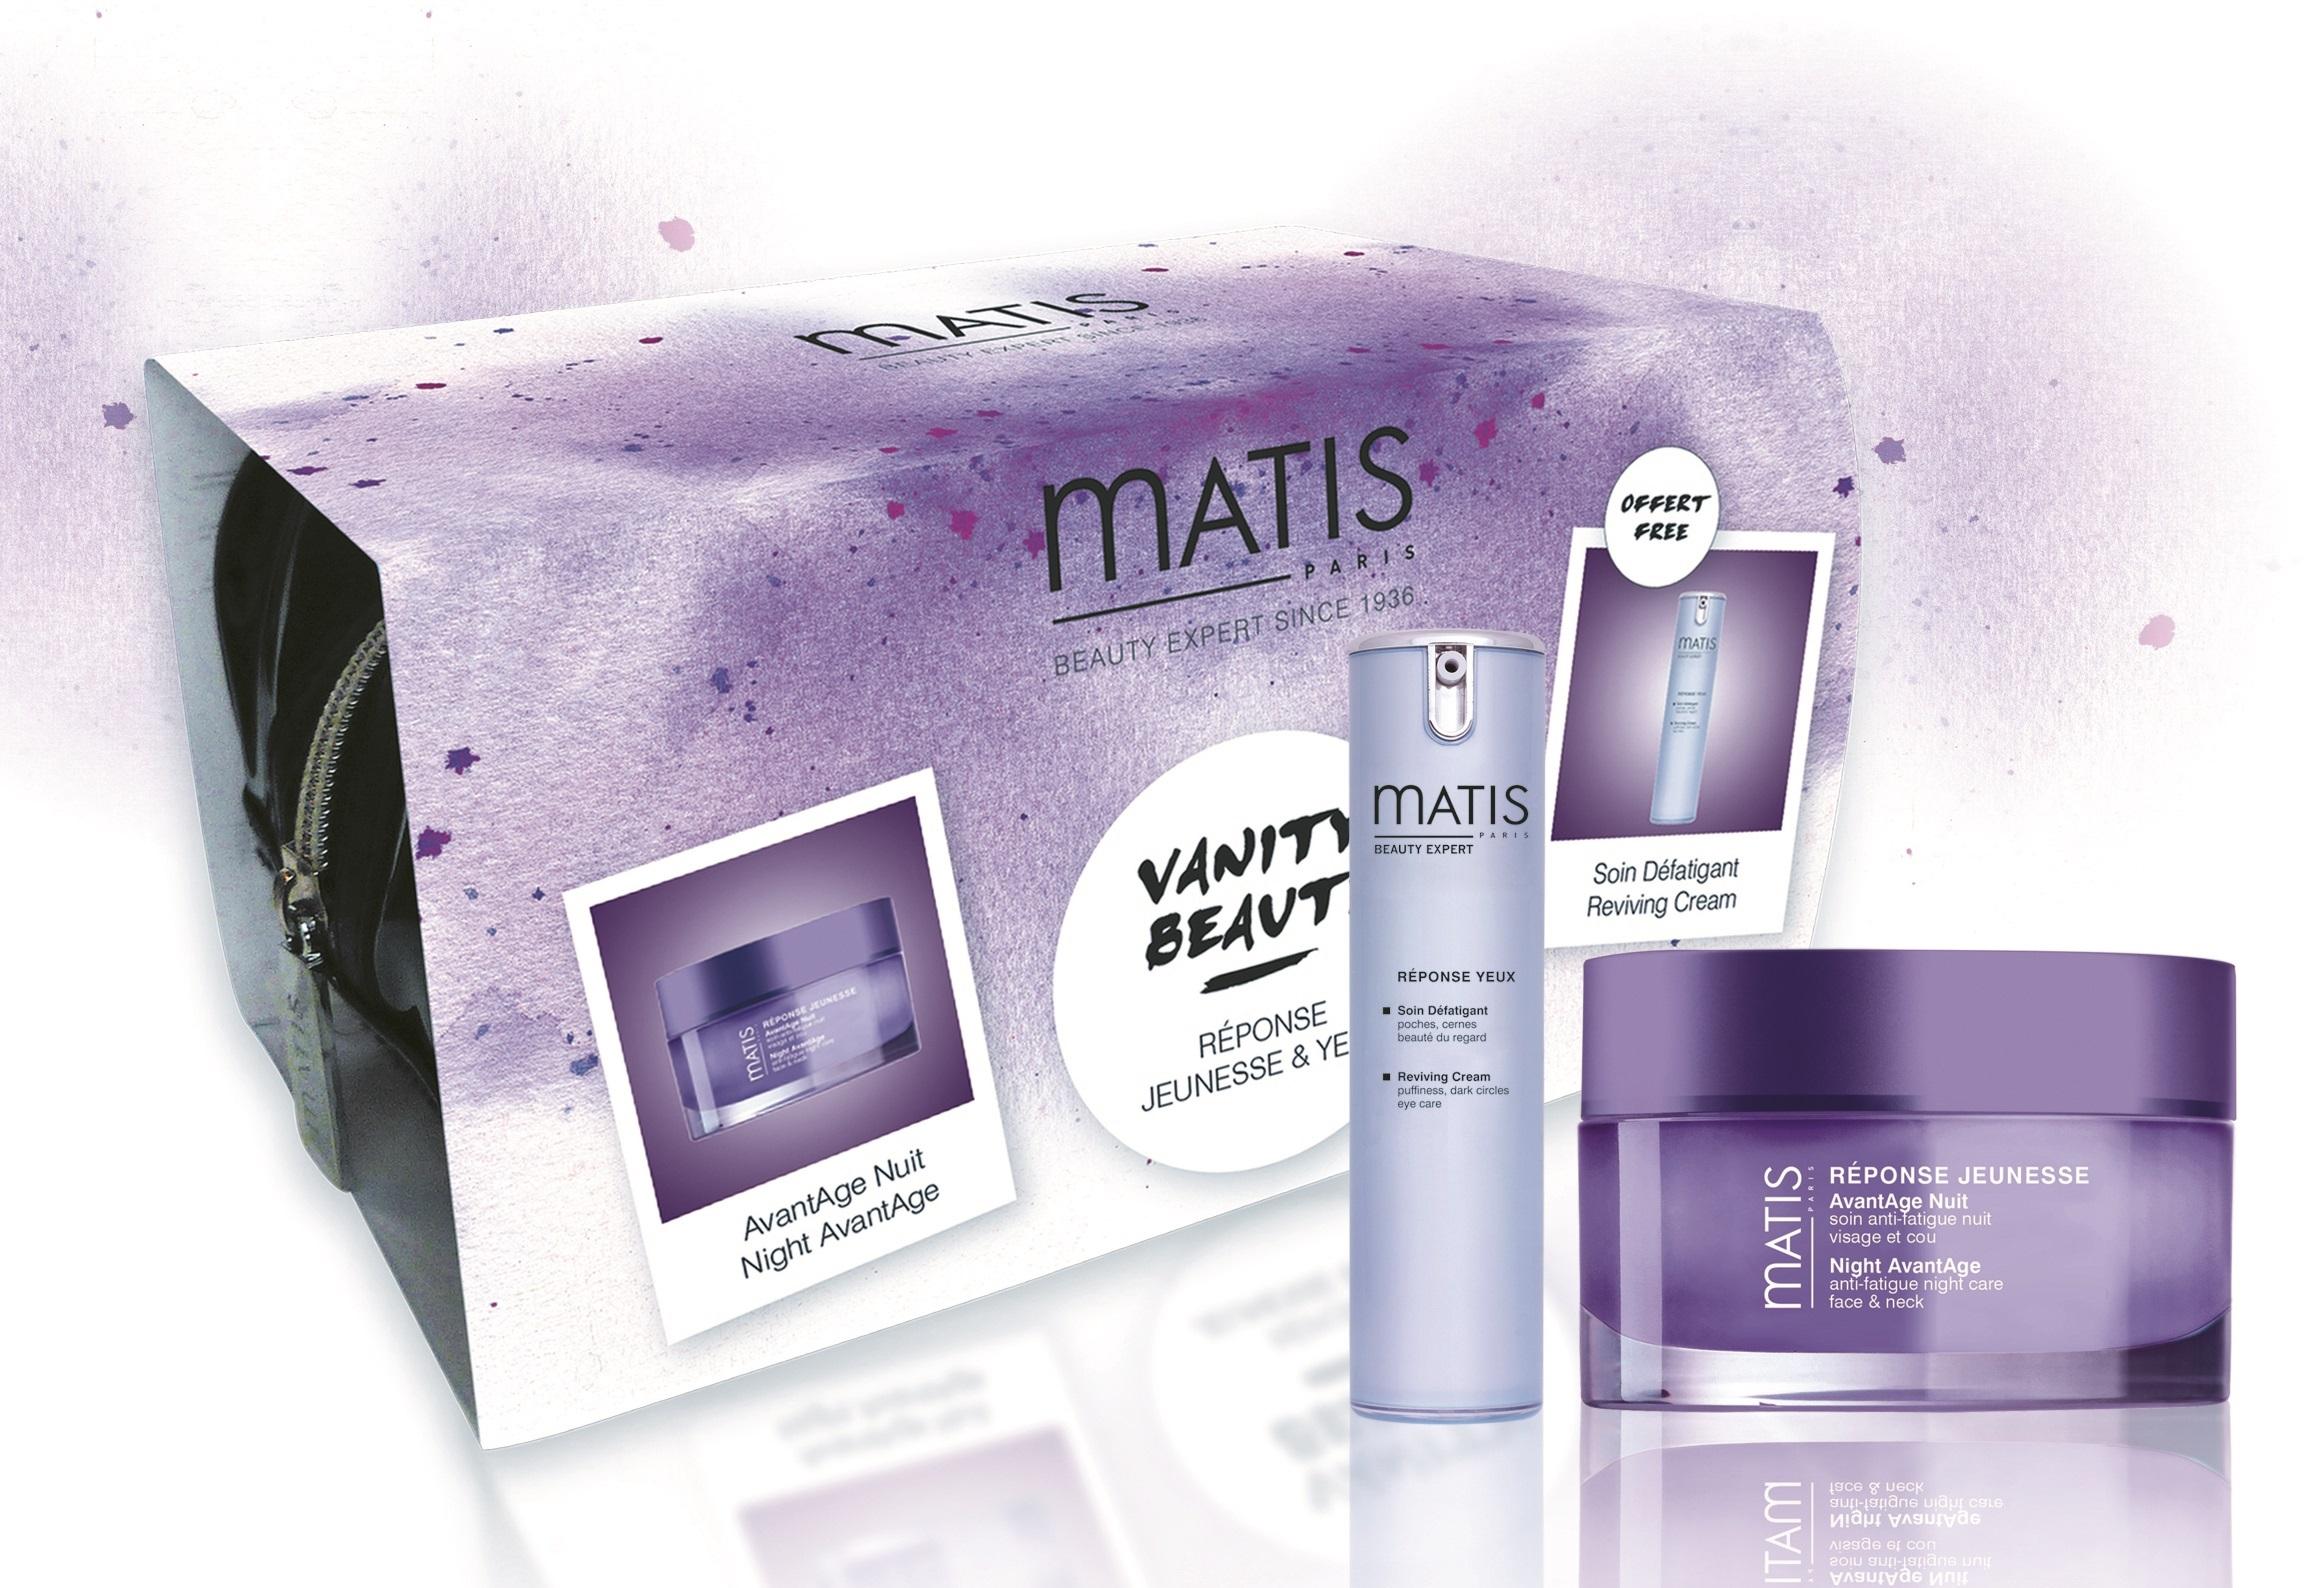 MATIS Набор Сияние молодости (крем ночной предотвращающий старение кожи 50 мл, крем восстанавливающий для кожи вокруг глаз 15 мл)